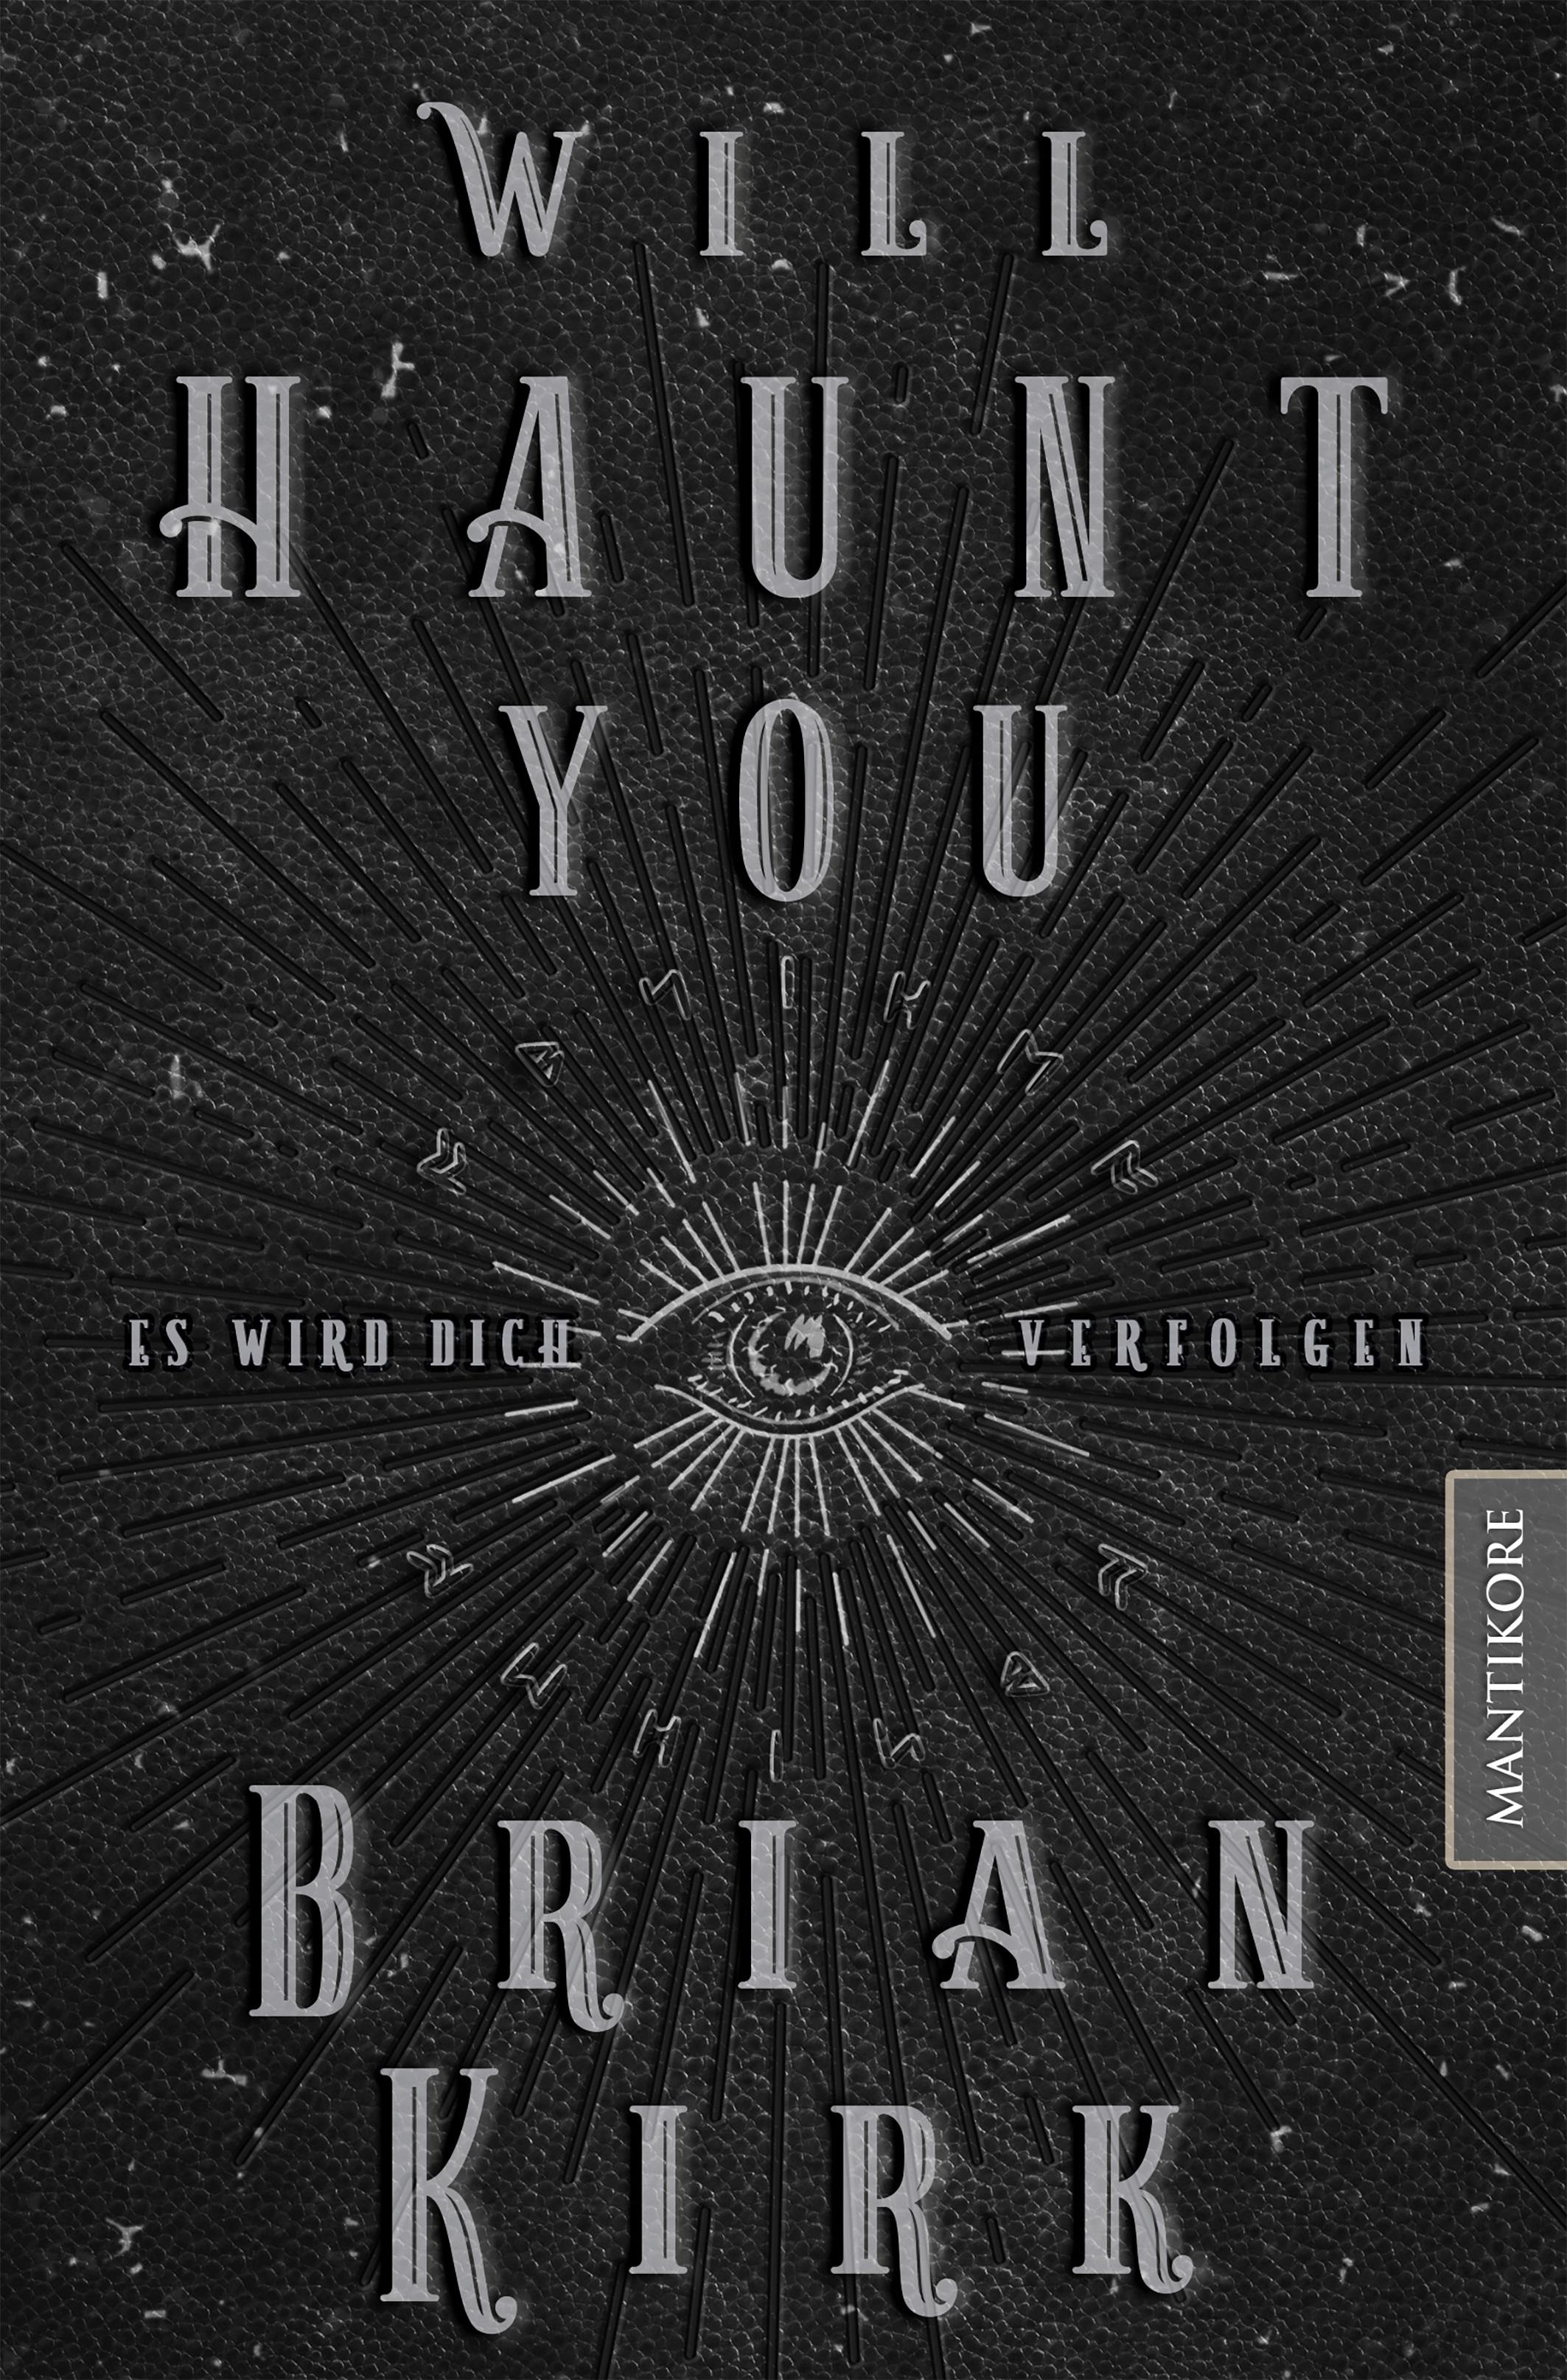 Will Haunt You Dieses Buch Wird Dich Verfolgen Dusterwelten Romane Mantikore Verlag